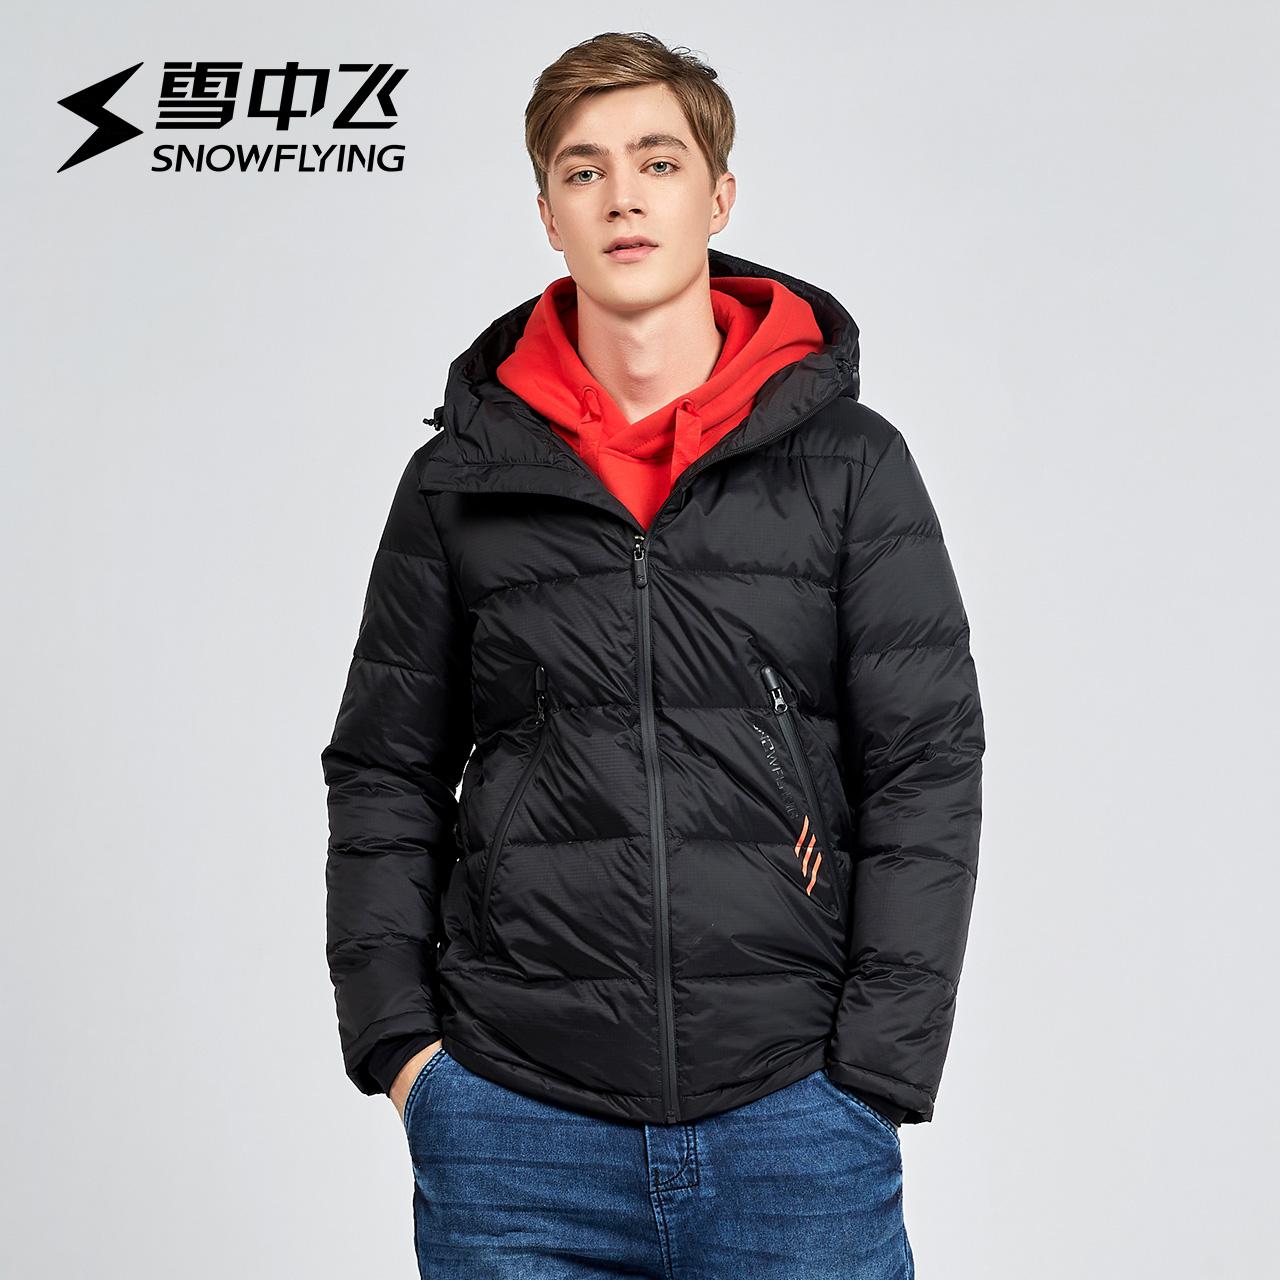 雪中飞2018秋冬新款男士短款时尚连帽羽绒服保暖厚款潮X70140015